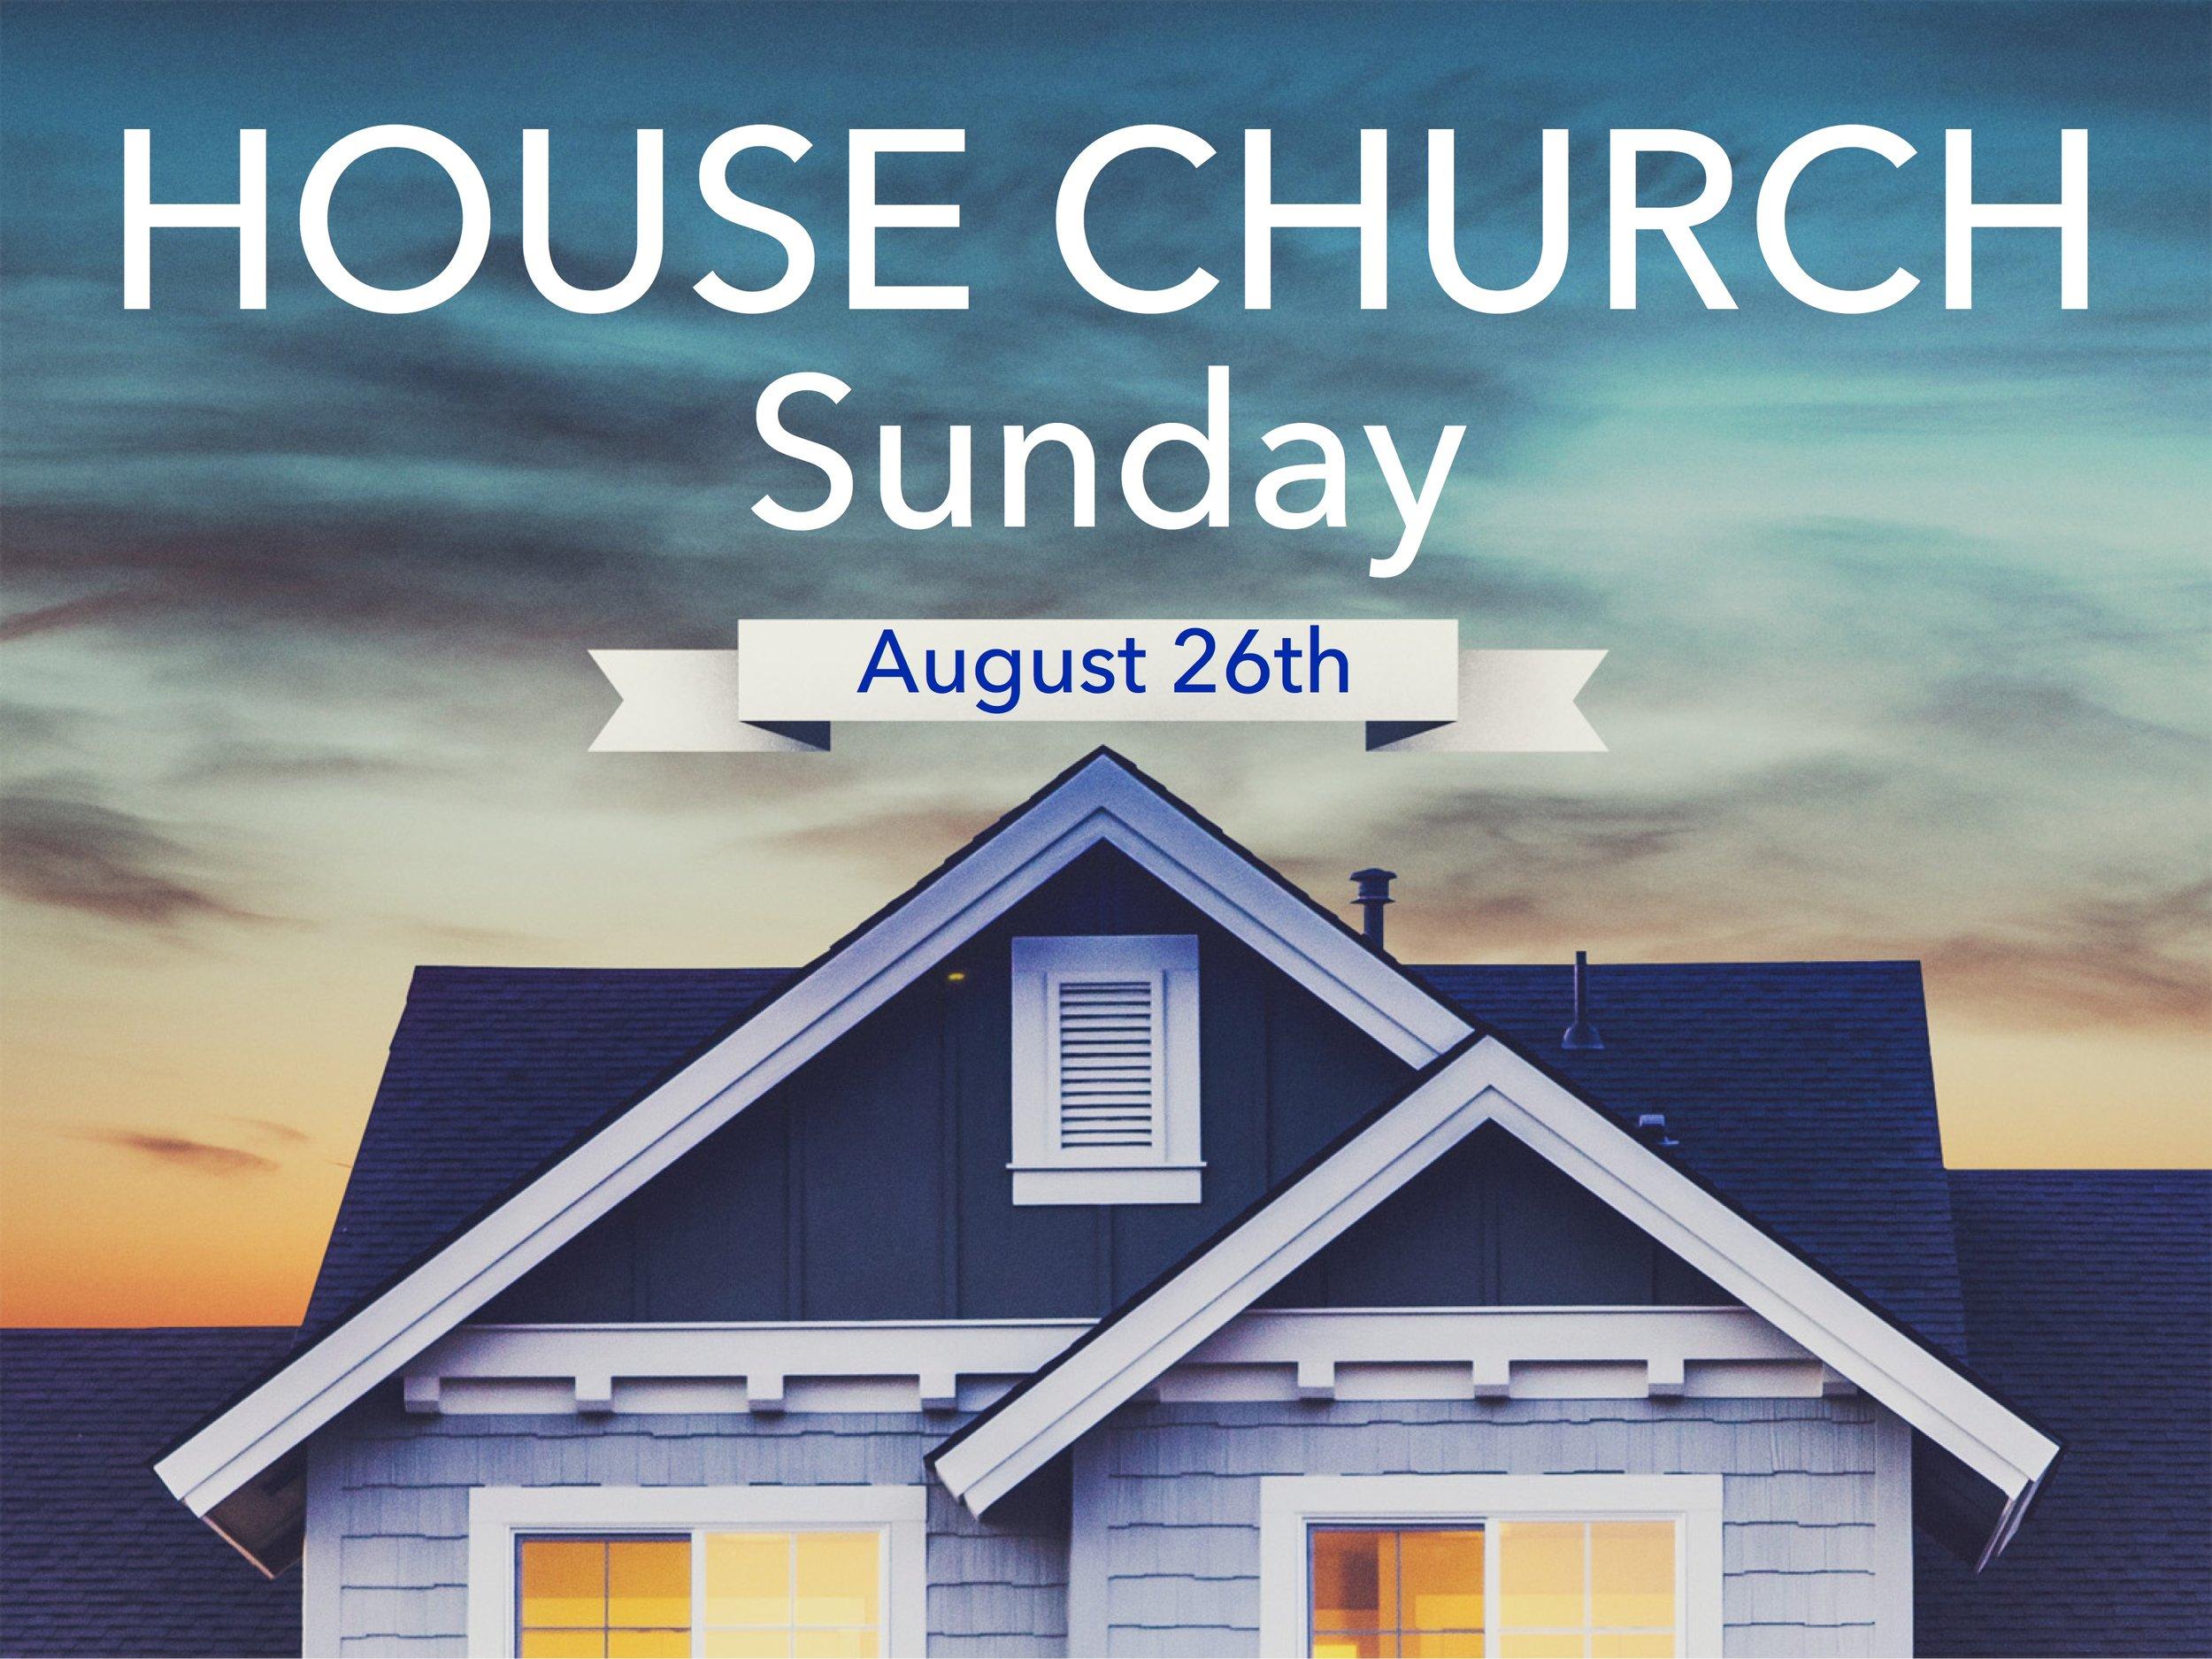 House Church Sunday Front.jpg